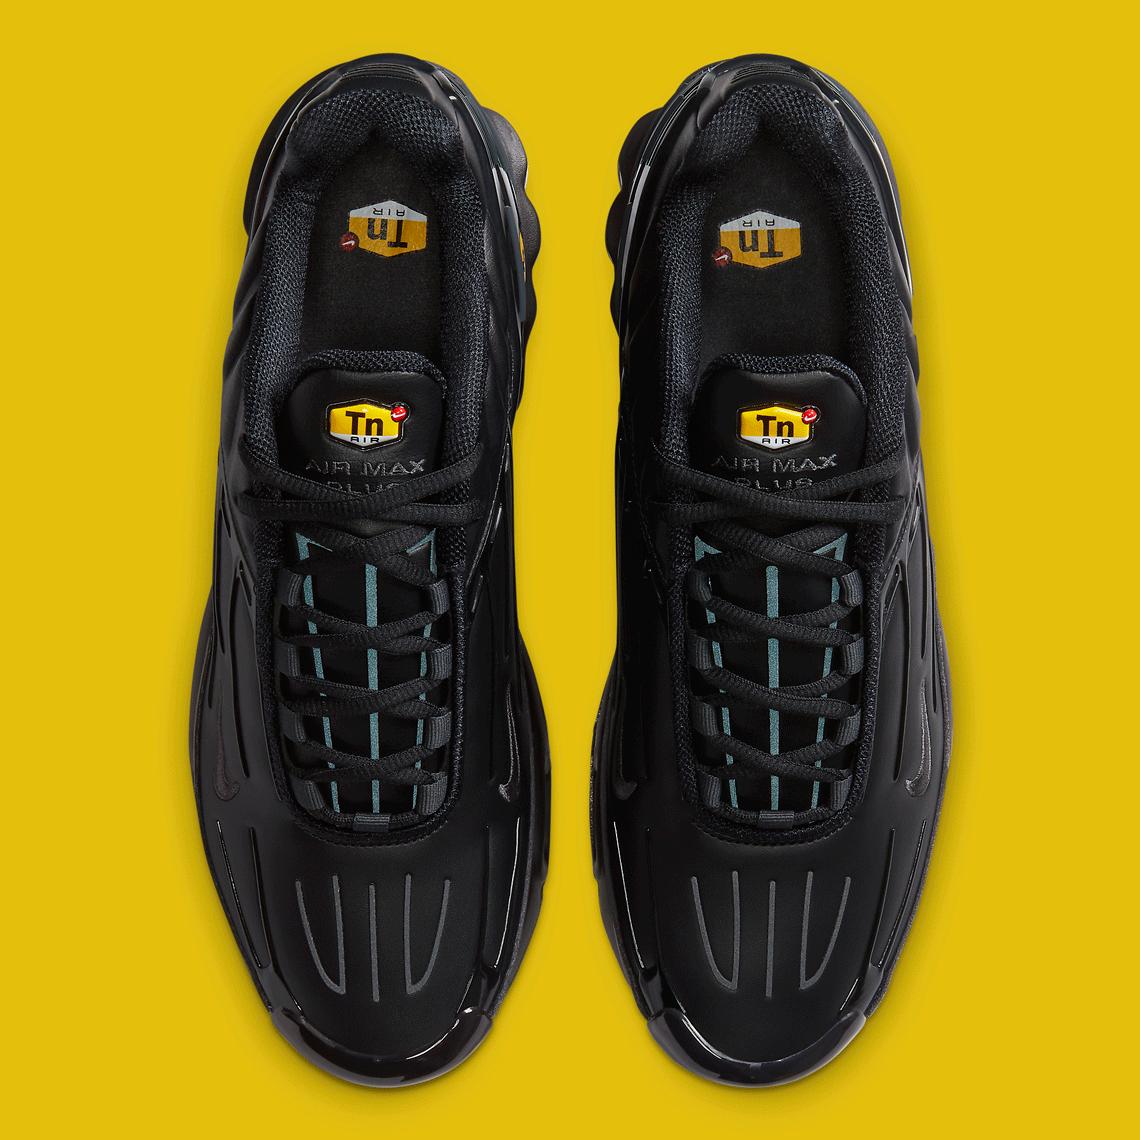 Nike Air Max Plus 3 Noir Cuir CK6716-001 - Crumpe